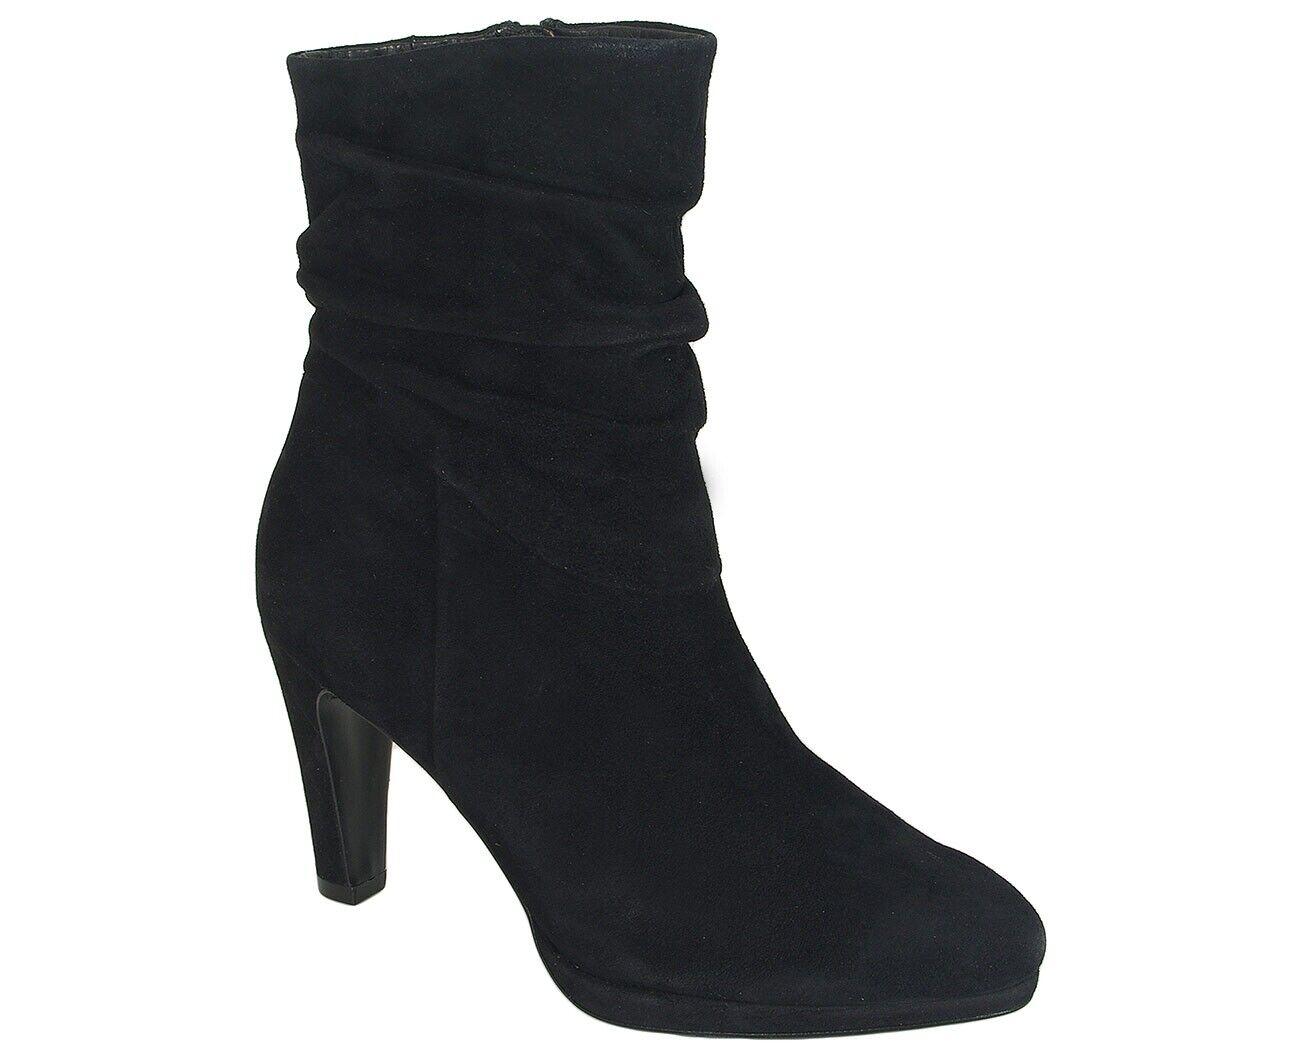 rotuzierung Caprice 25303 Stiefelies schwarz suede